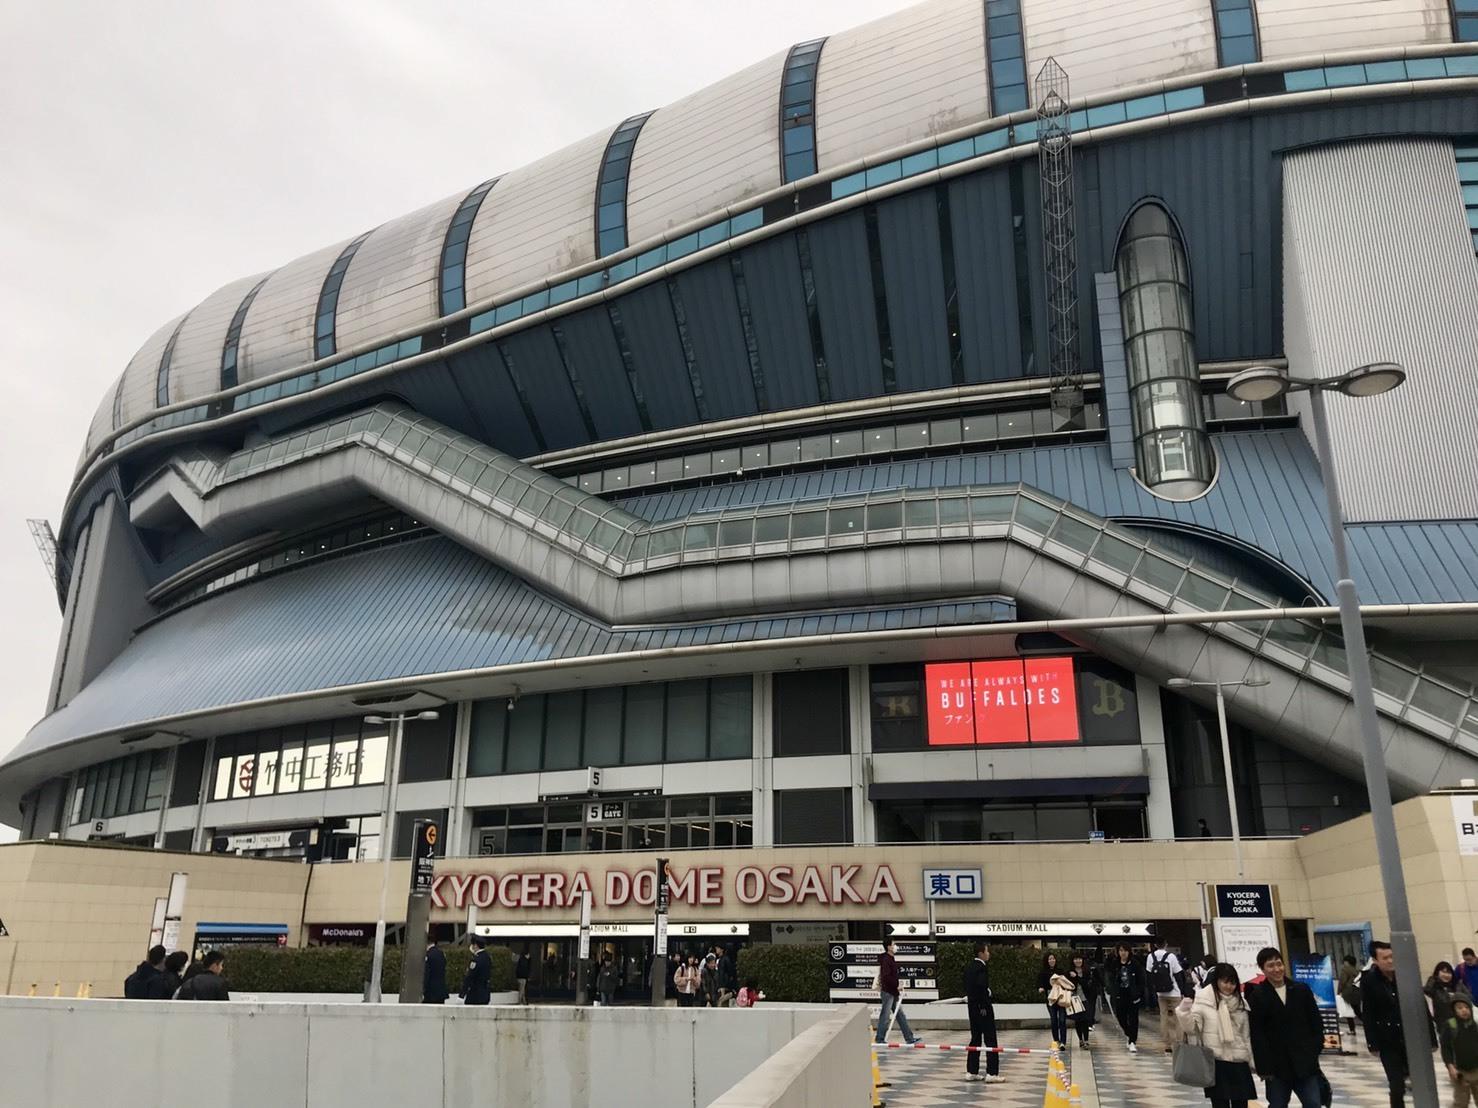 メキシコ2連戦が行われた京セラドーム大阪